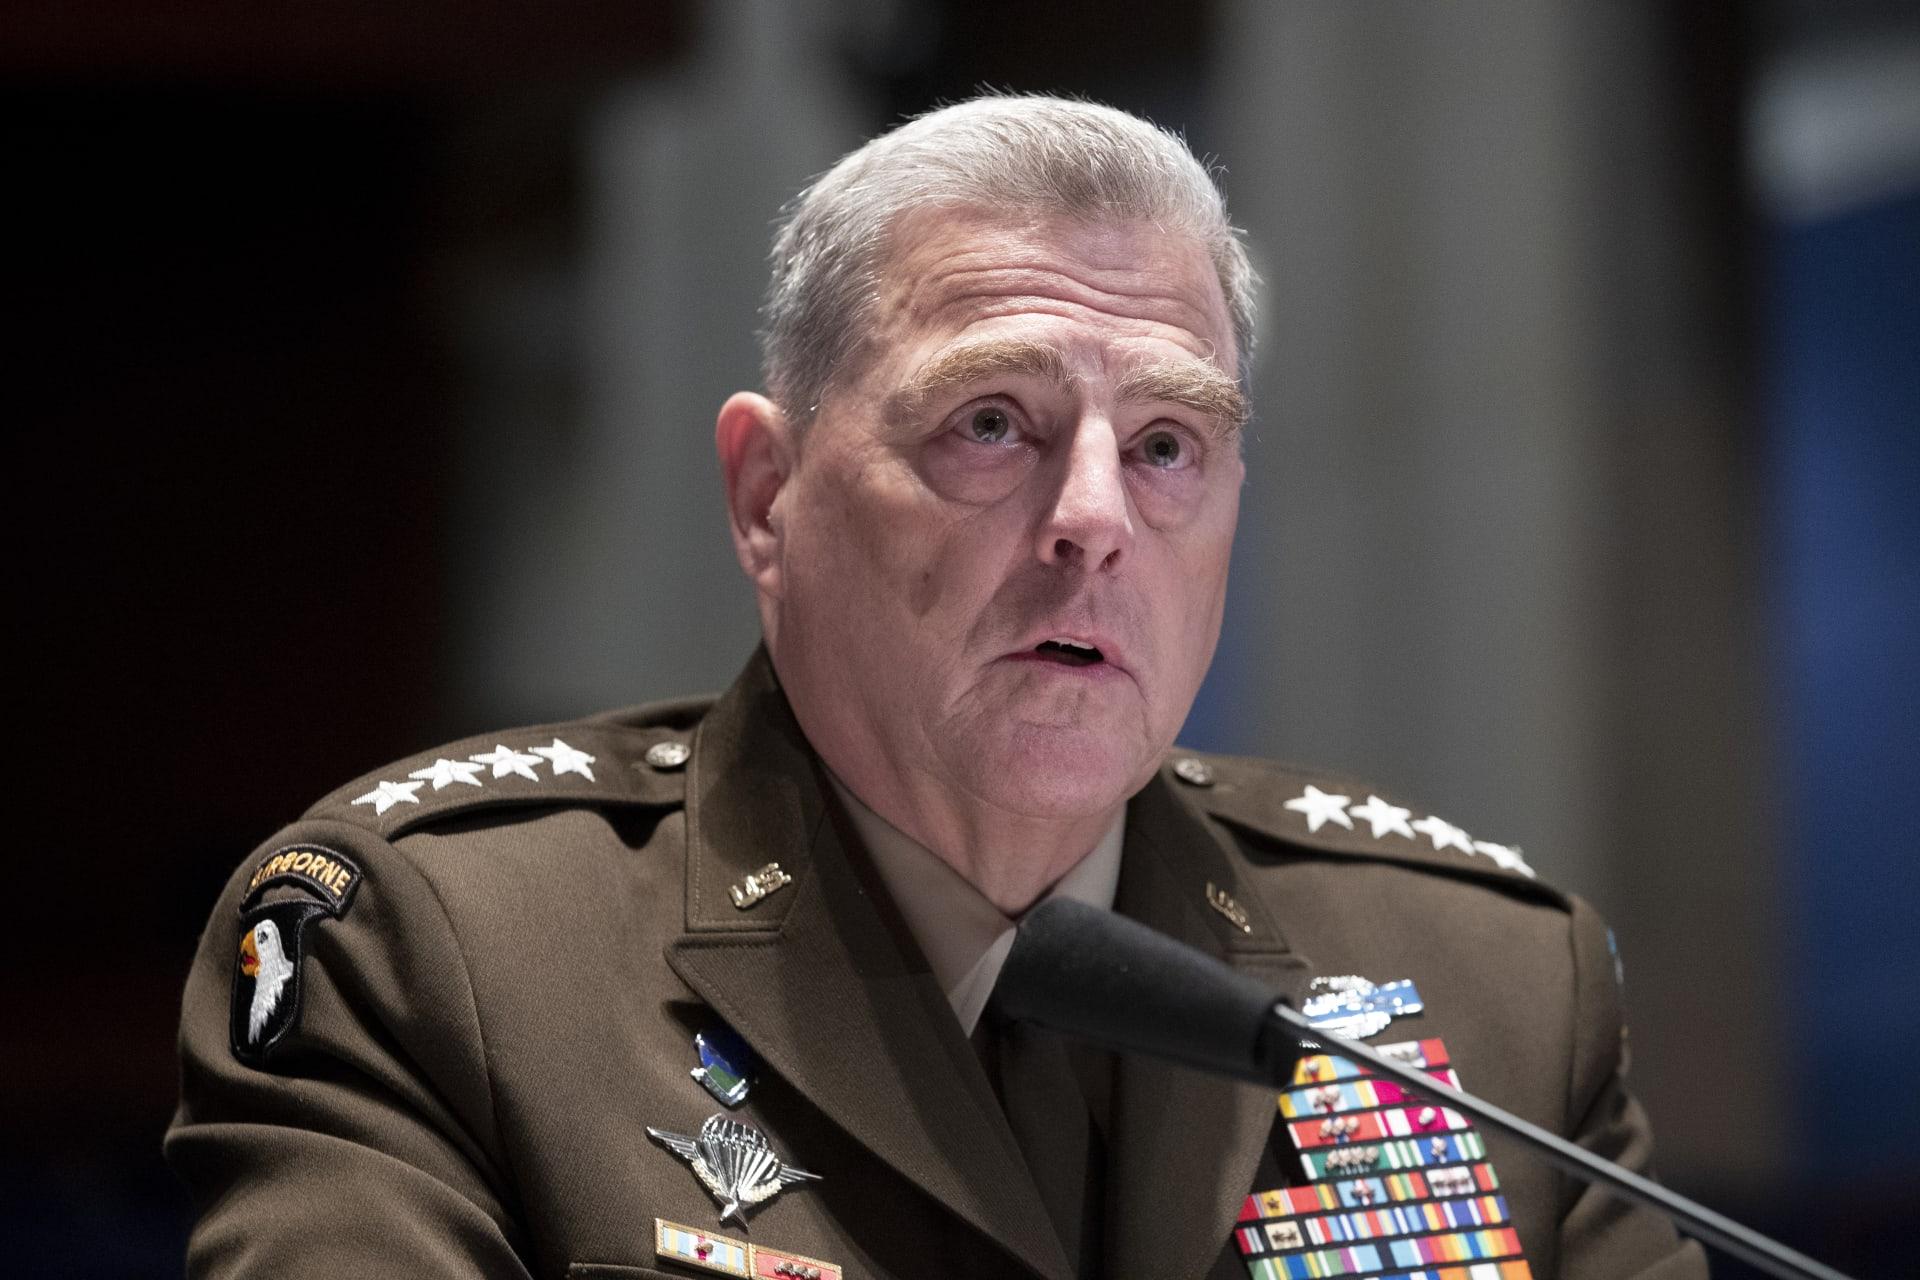 ميلي: الجيش الأمريكي لن يلعب دورًا في انتخابات الرئاسة.. والمحاكم معنية بحل الخلافات